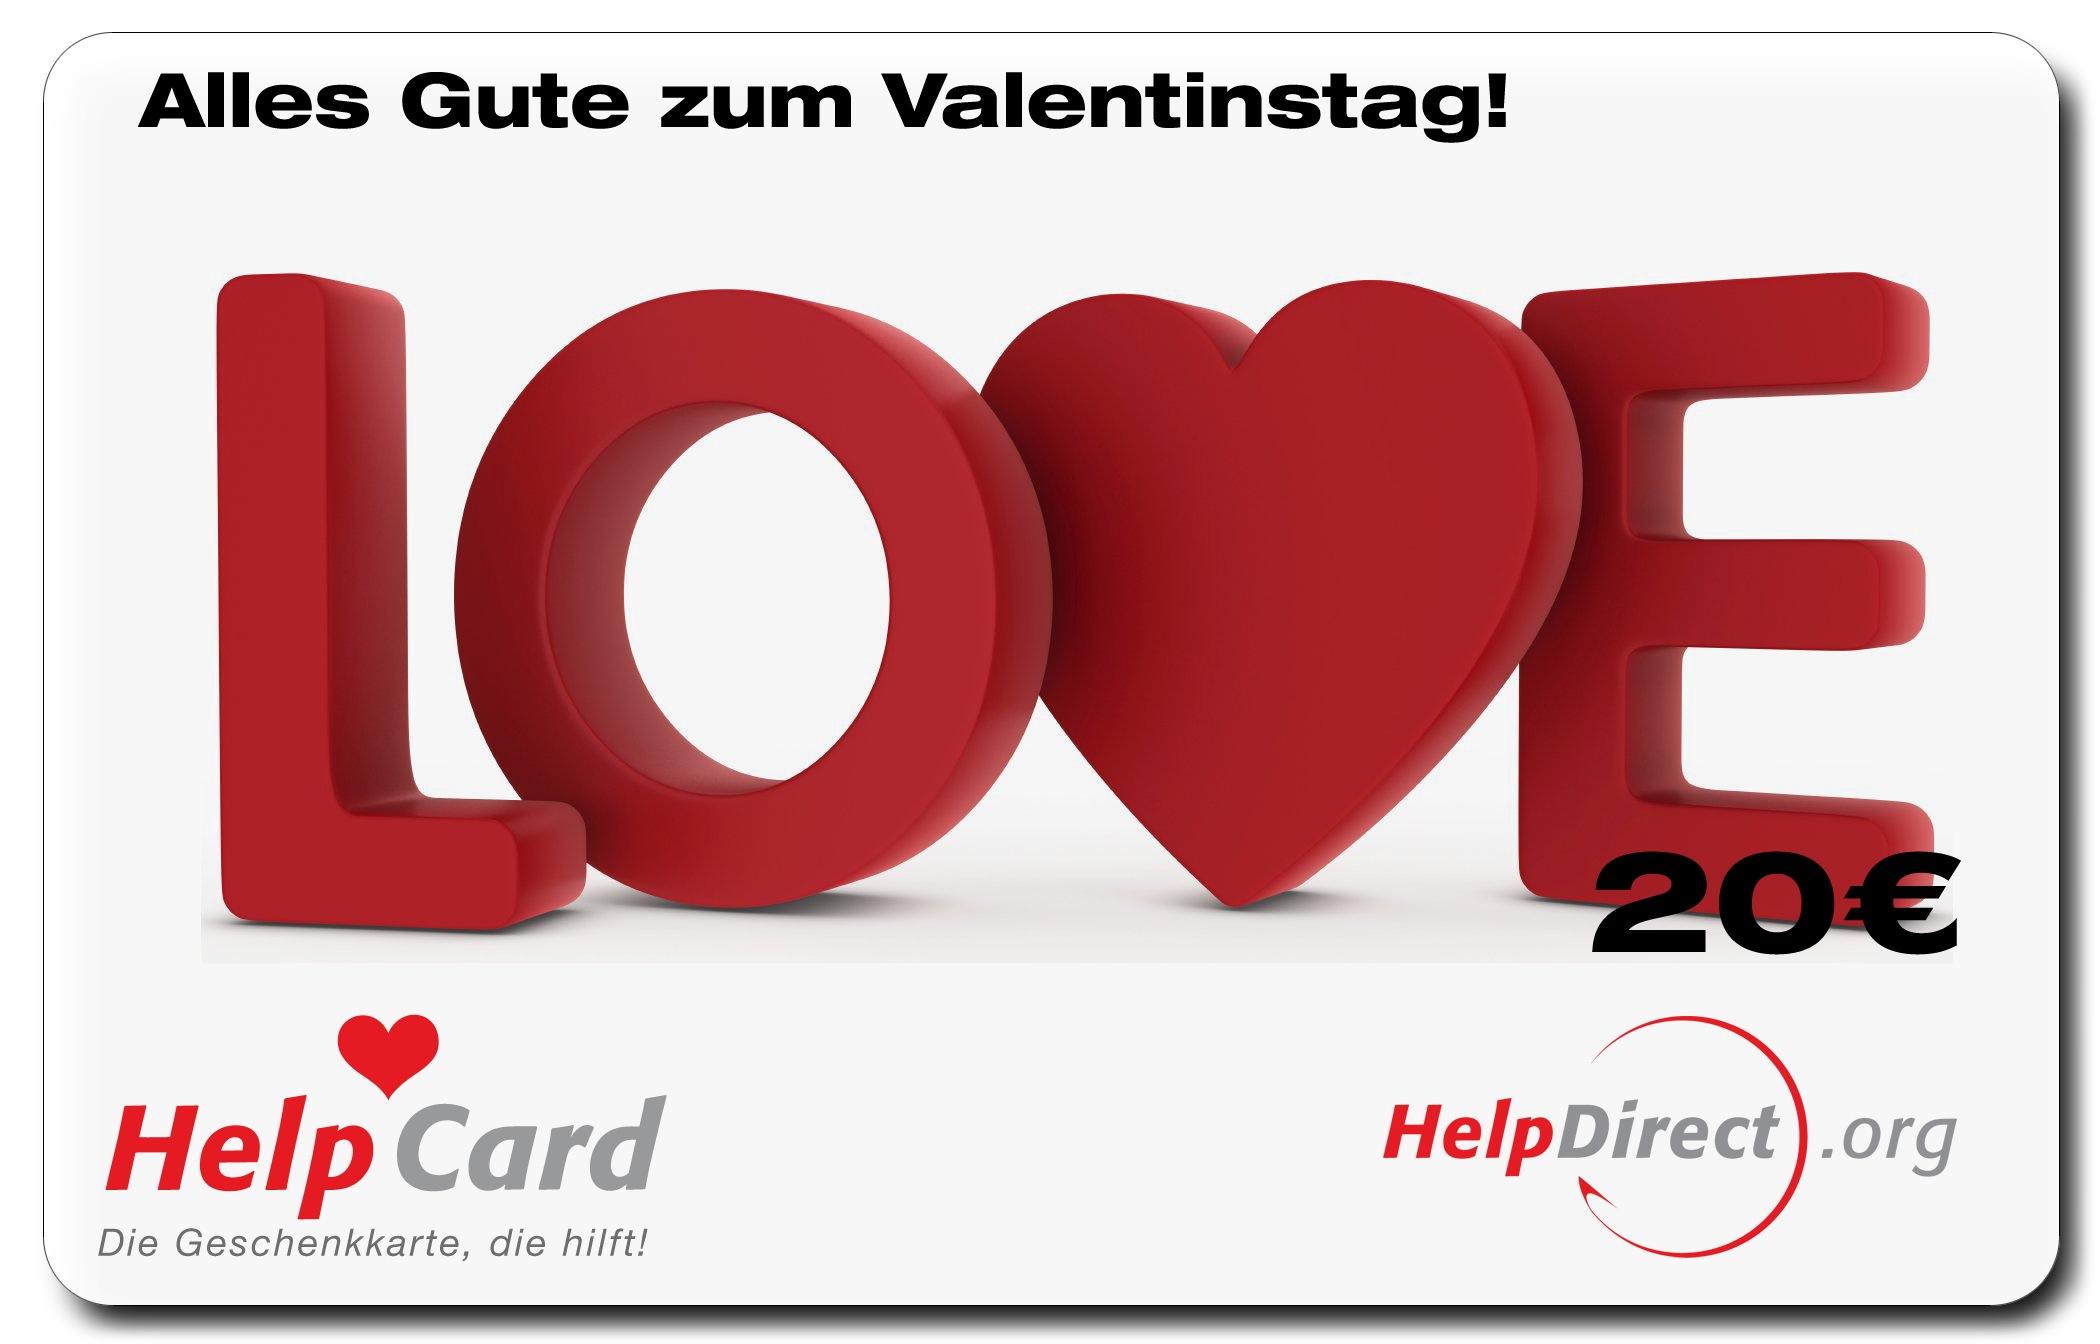 Ostern-247.de - Infos & Tipps rund um Geschenke | Aktion HelpDirect.org c/o BetterRelations GmbH